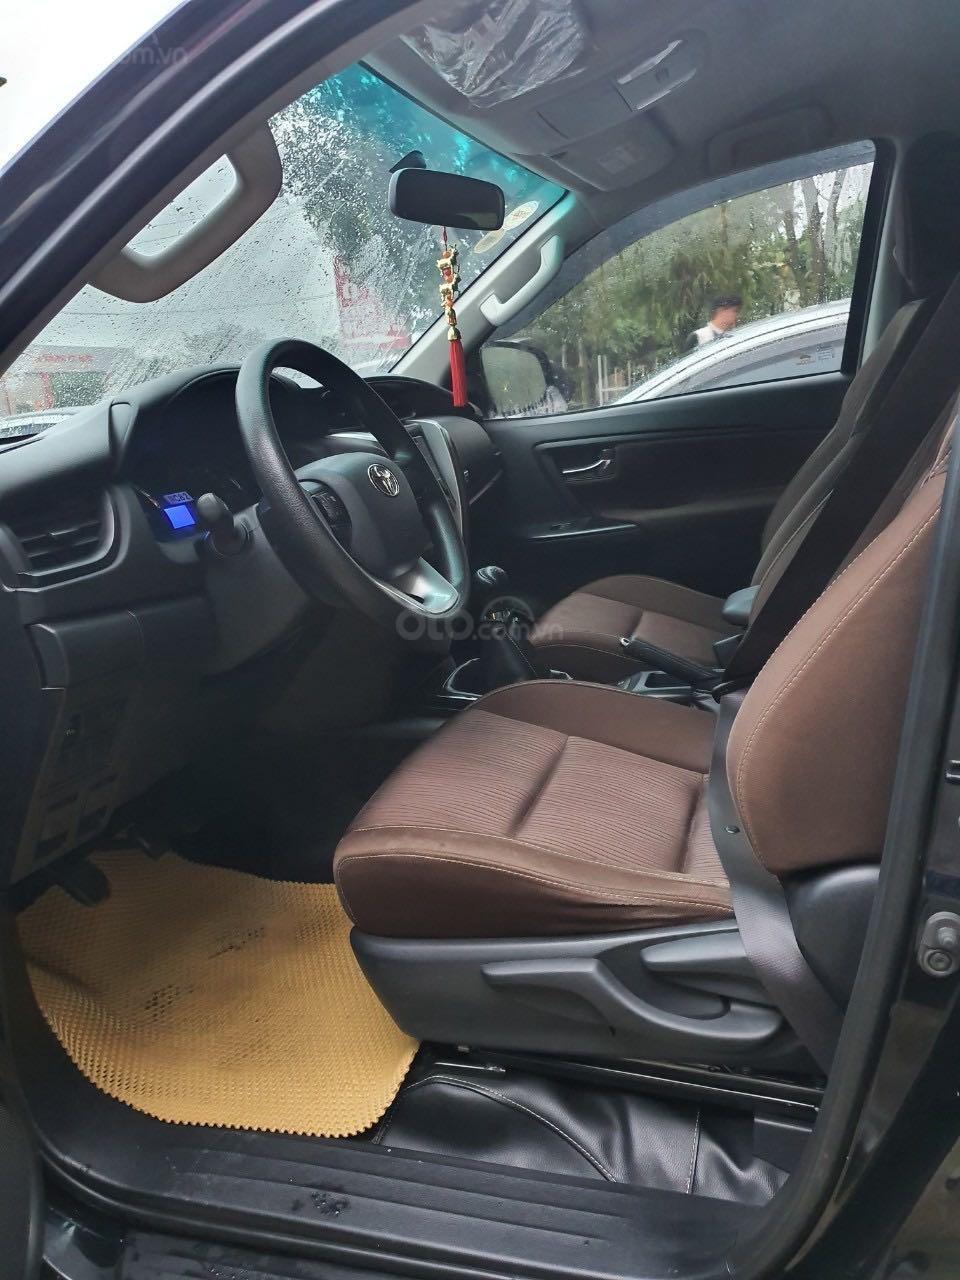 Cần bán gấp Toyota Fortuner 2.5 năm sản xuất 2017, màu đen, xe nhập số sàn, 860tr (8)